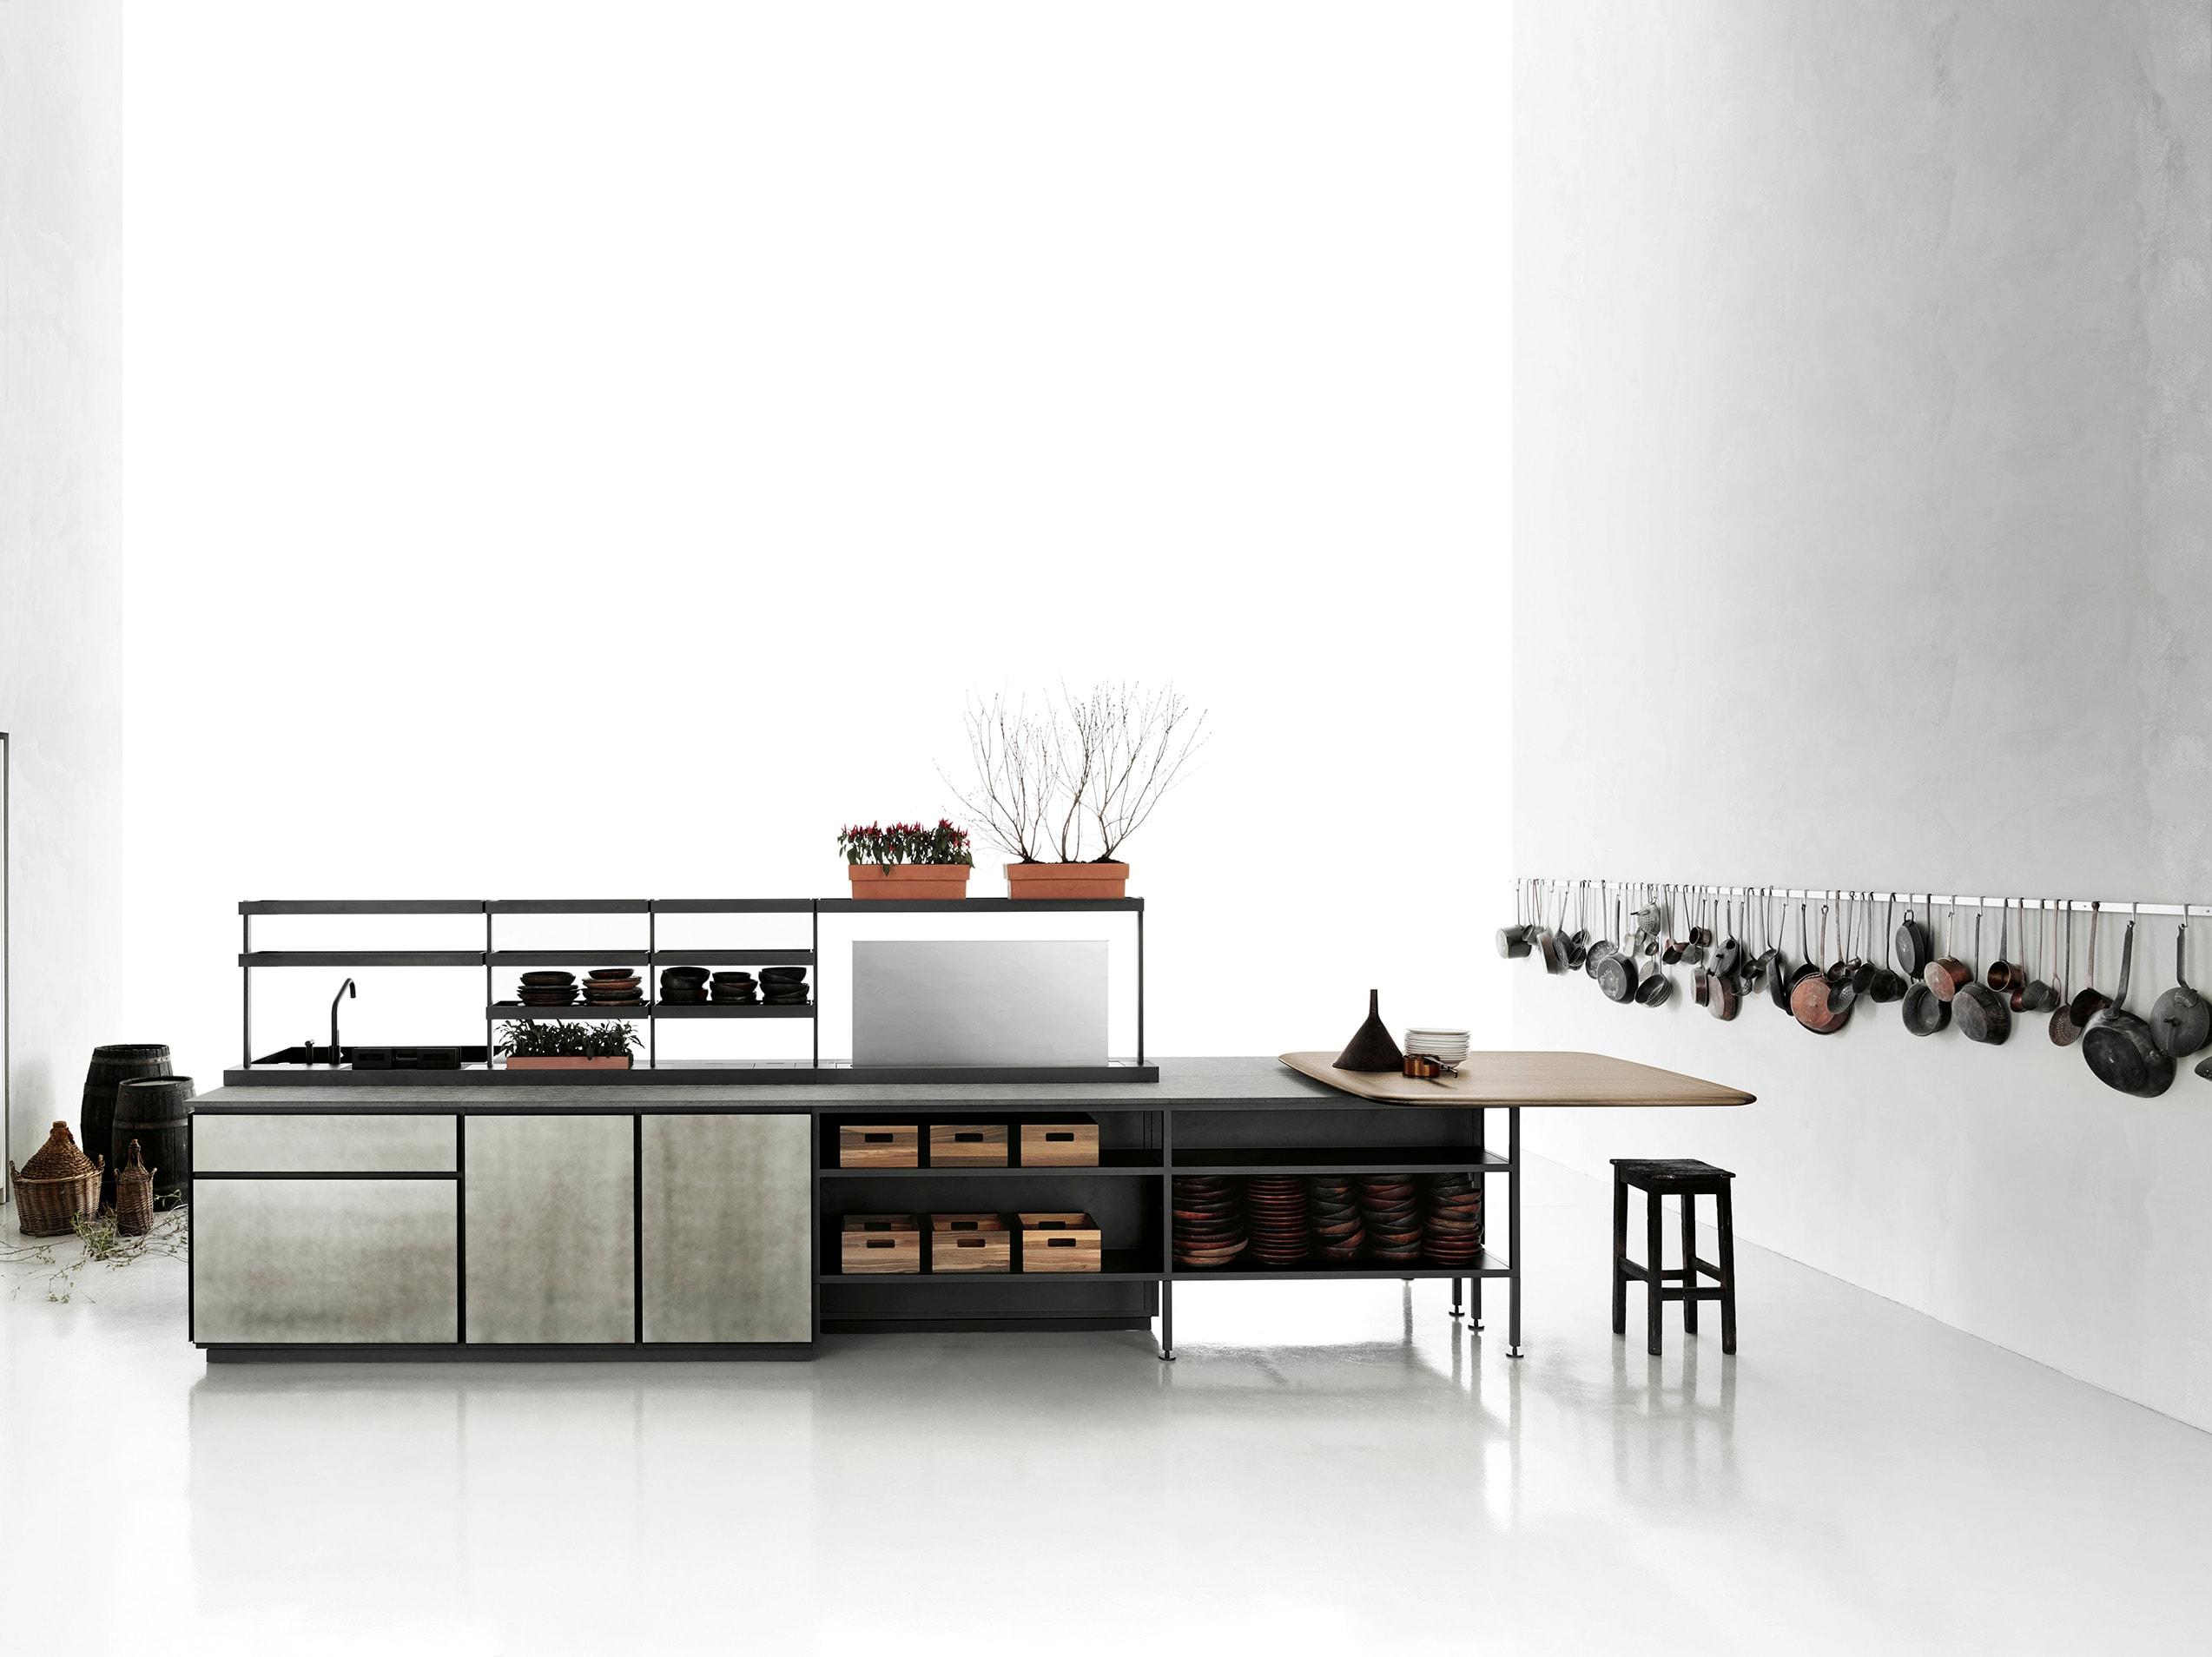 Materiali in cucina